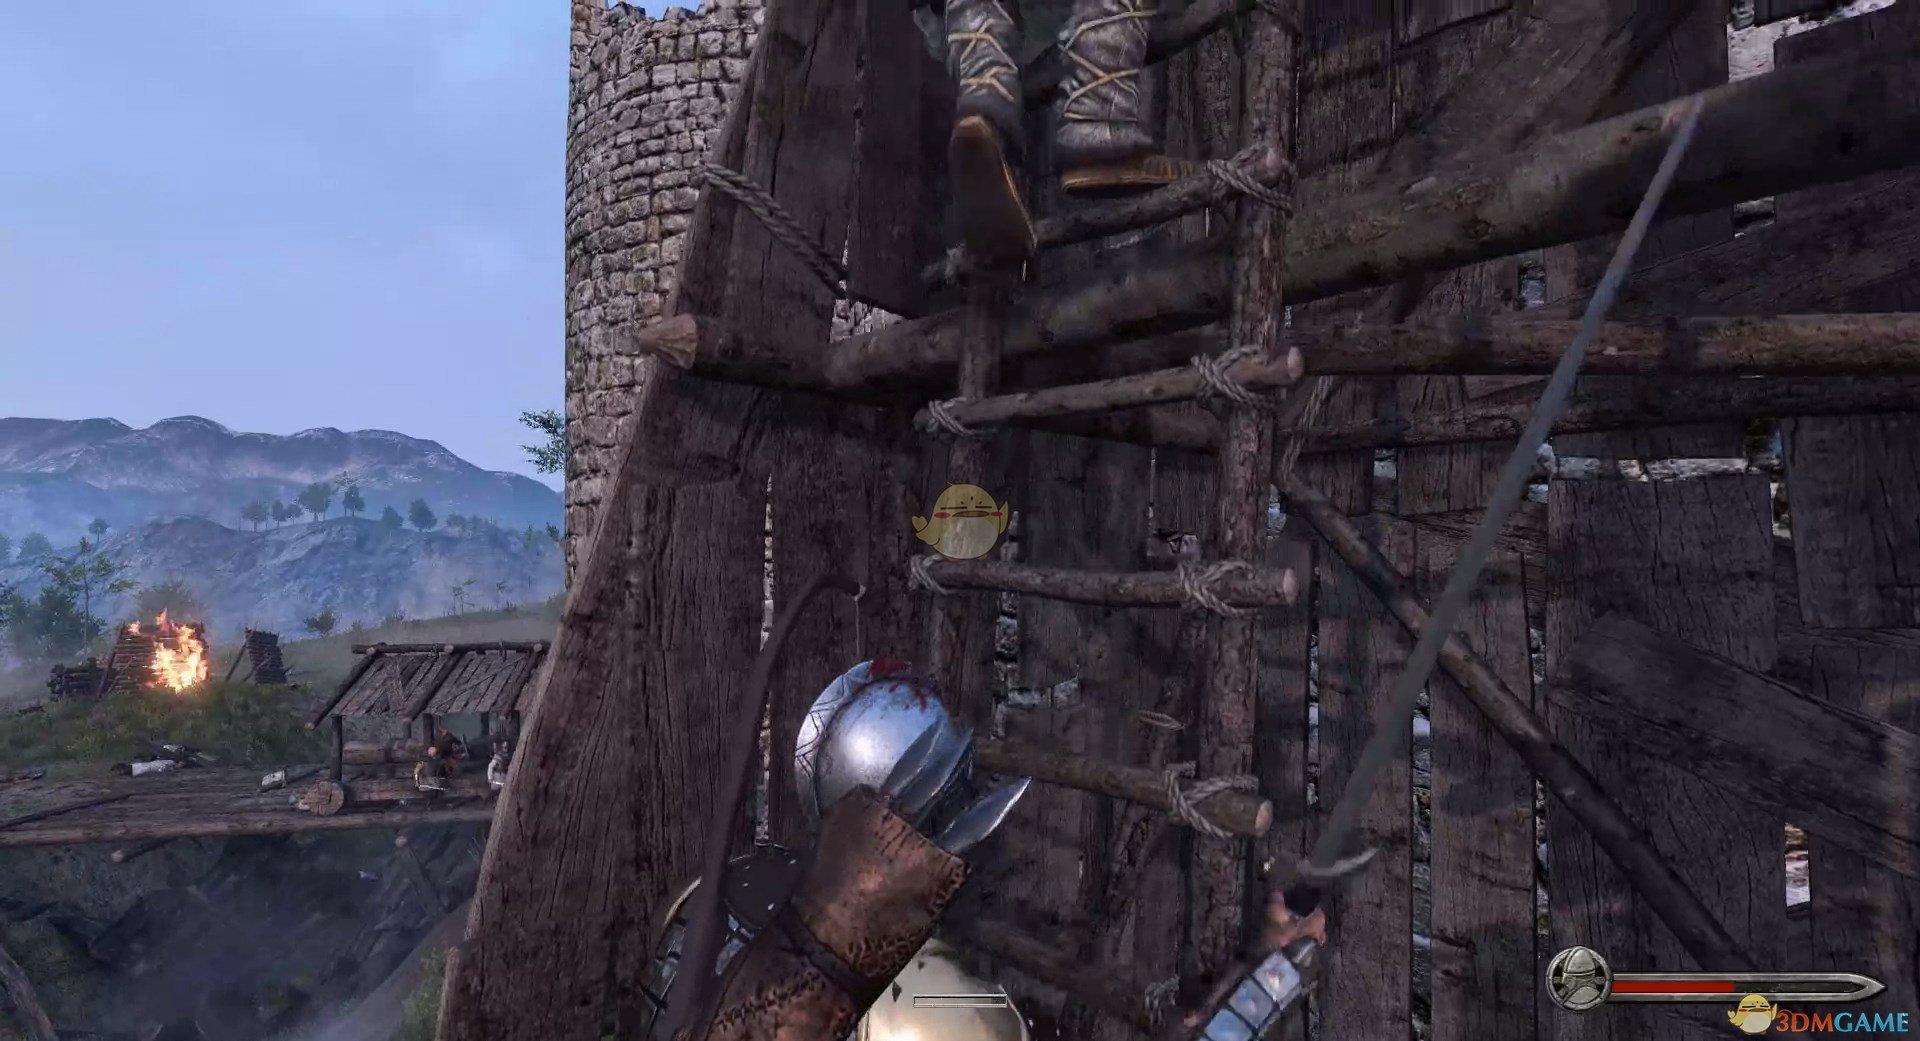 骑马与砍杀2合伙人被赏金猎人抓走任务应该怎么做_骑砍2合伙人被赏金猎人抓走任务完全攻略分享_单机